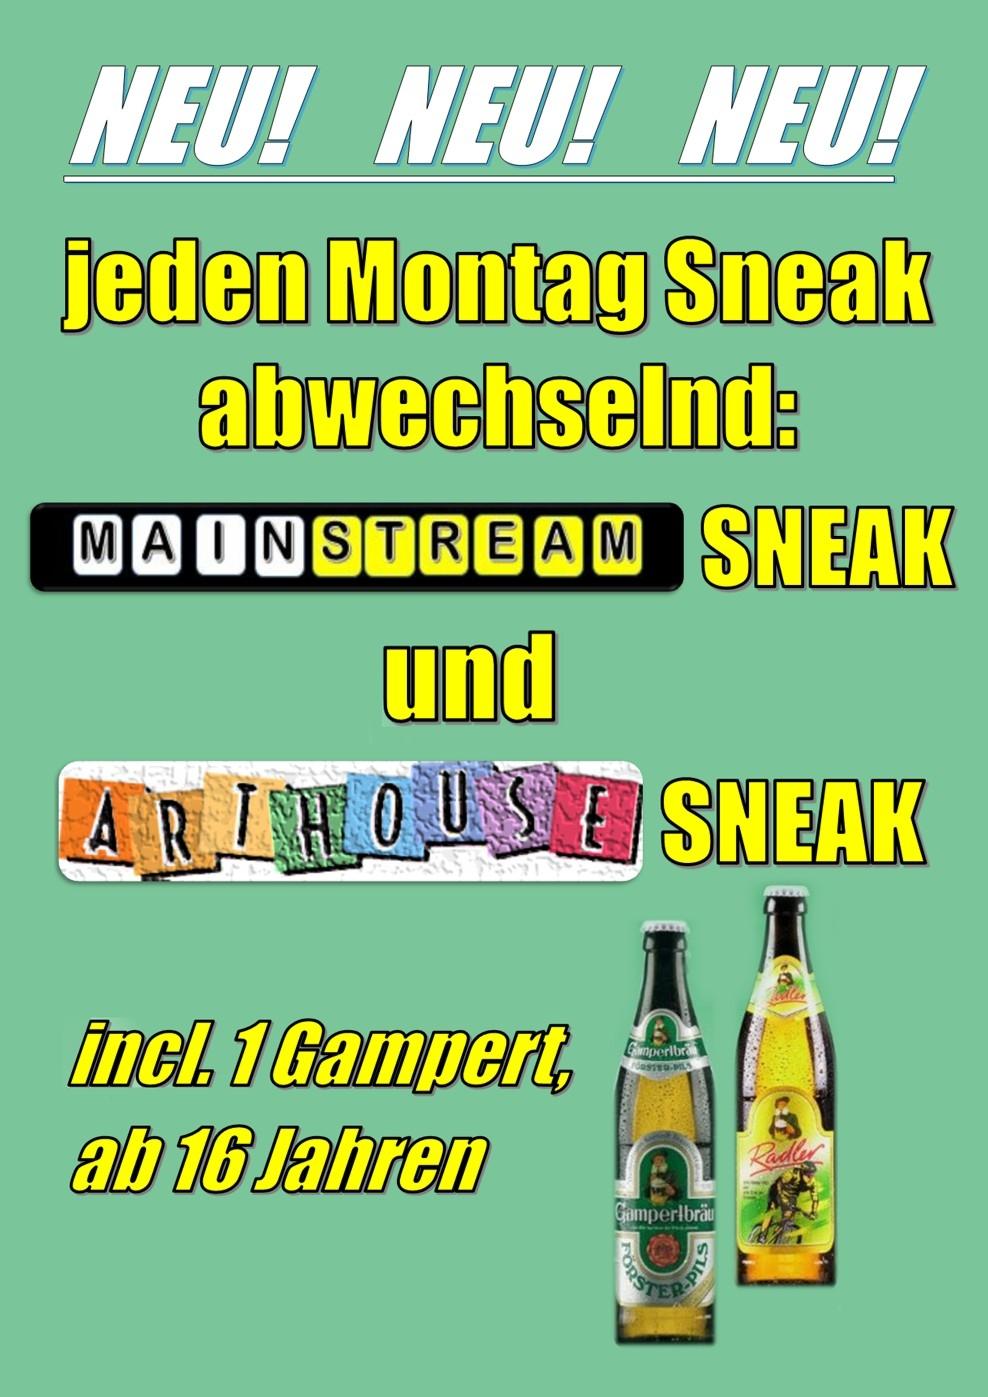 Arthouse Sneak (Poster)